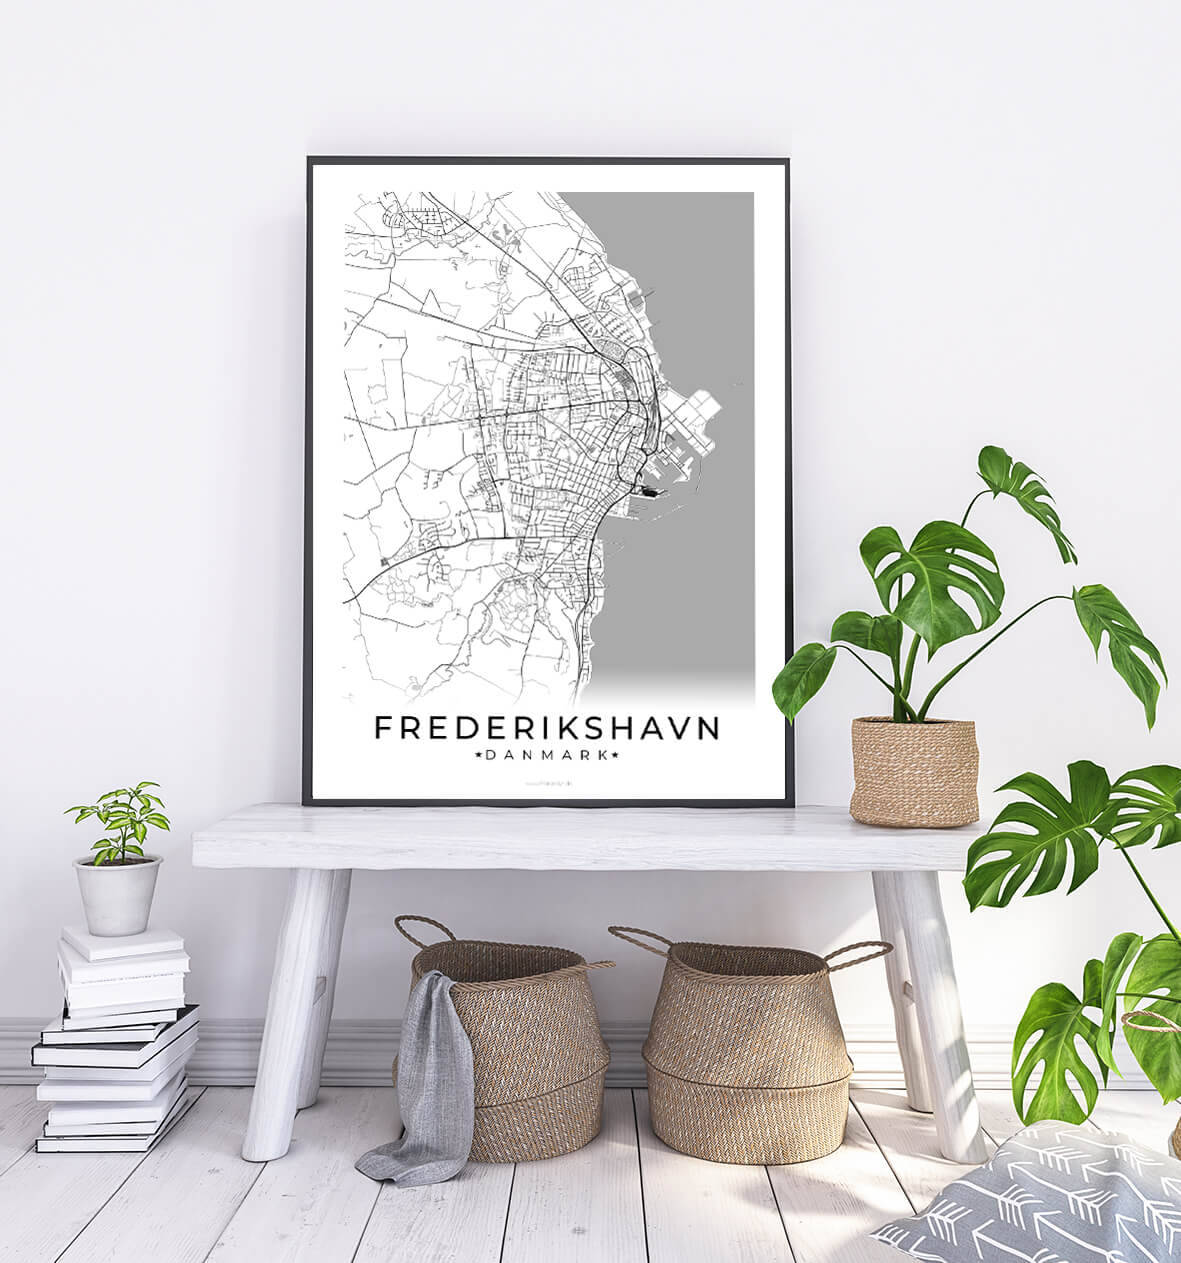 Frederikshavn-hvid-byplakat-1